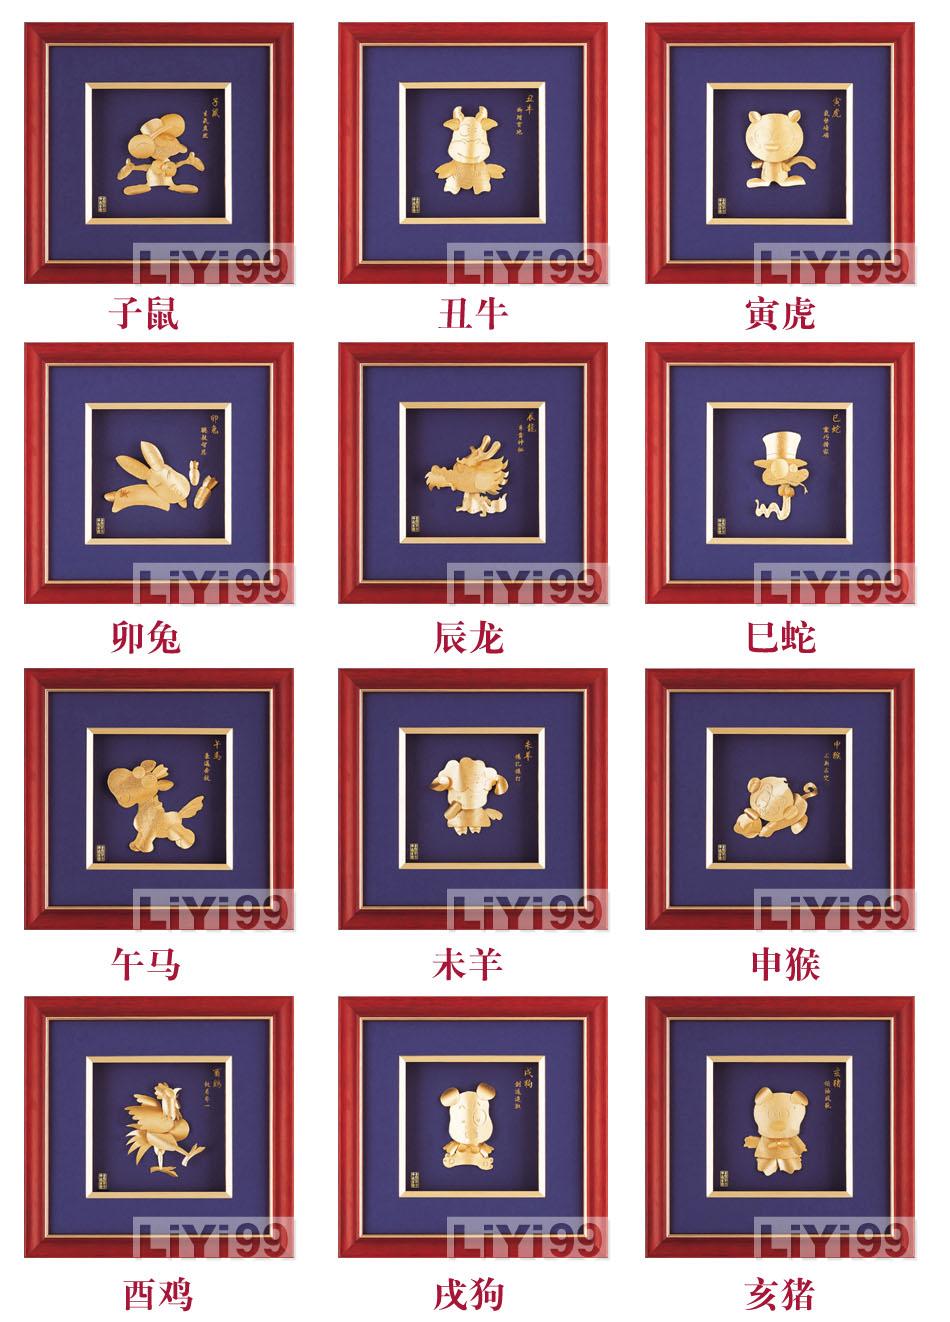 12生肖金箔邮票图片展示;